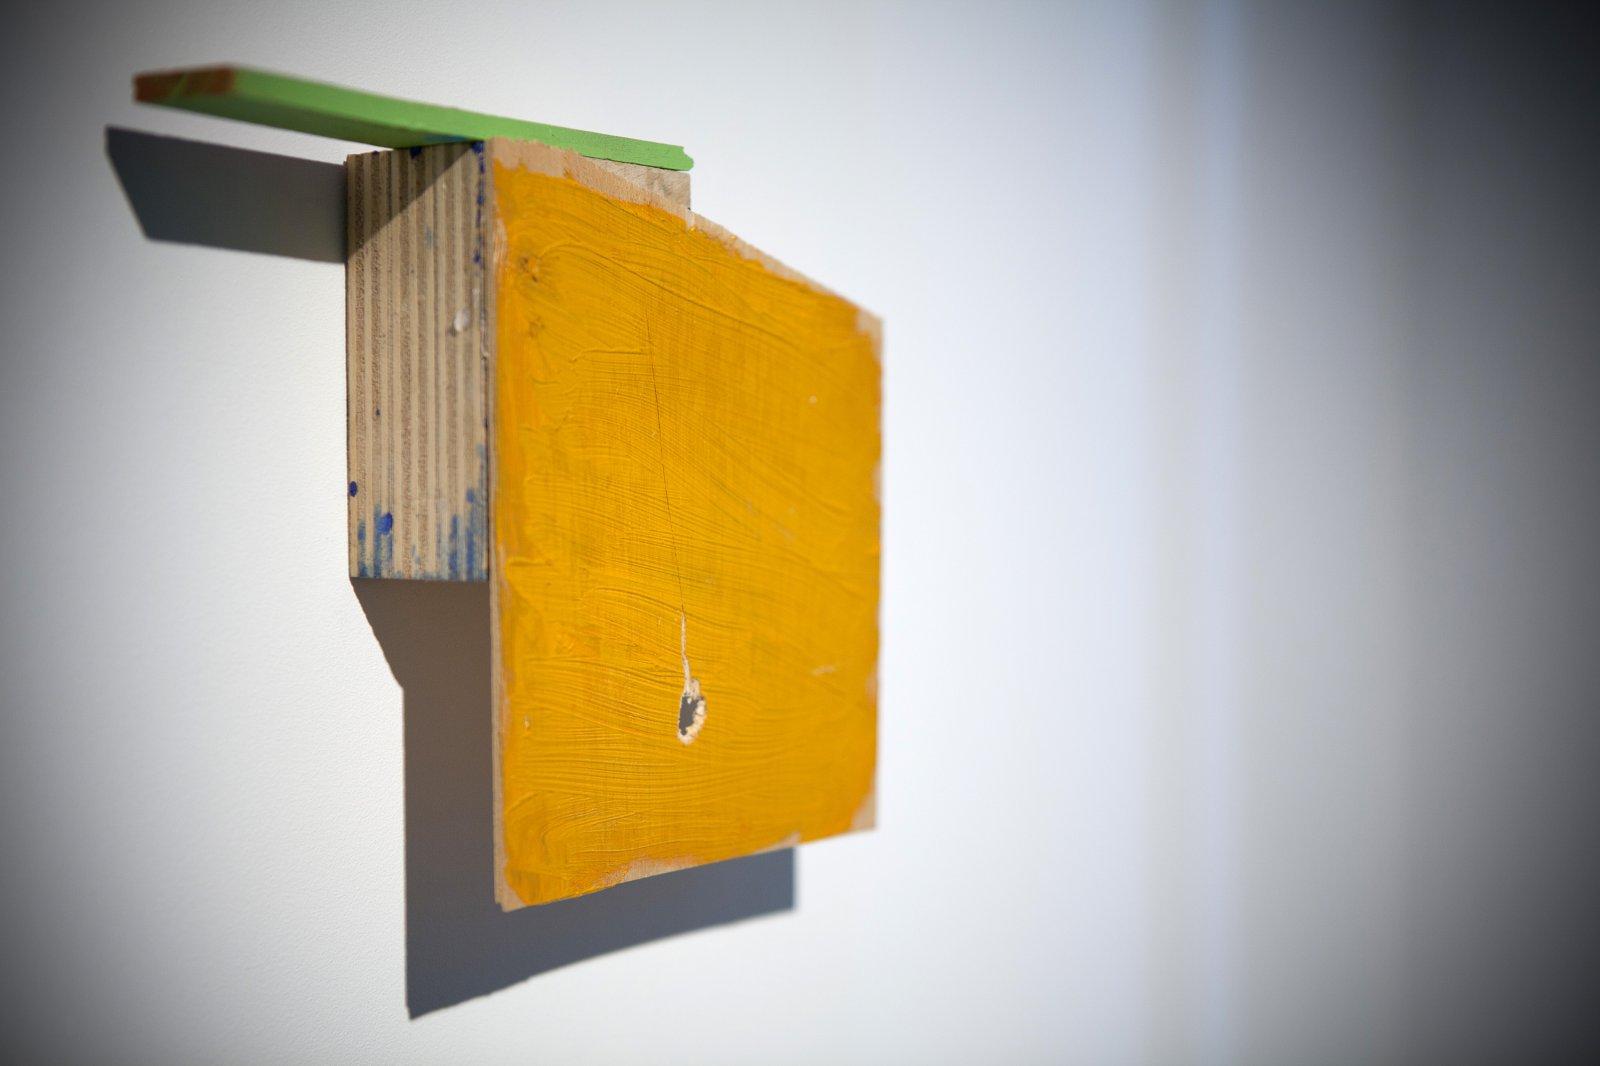 3. Galería Louis 21. \'Sobre El Muro\'. Obra De Teo Soriano